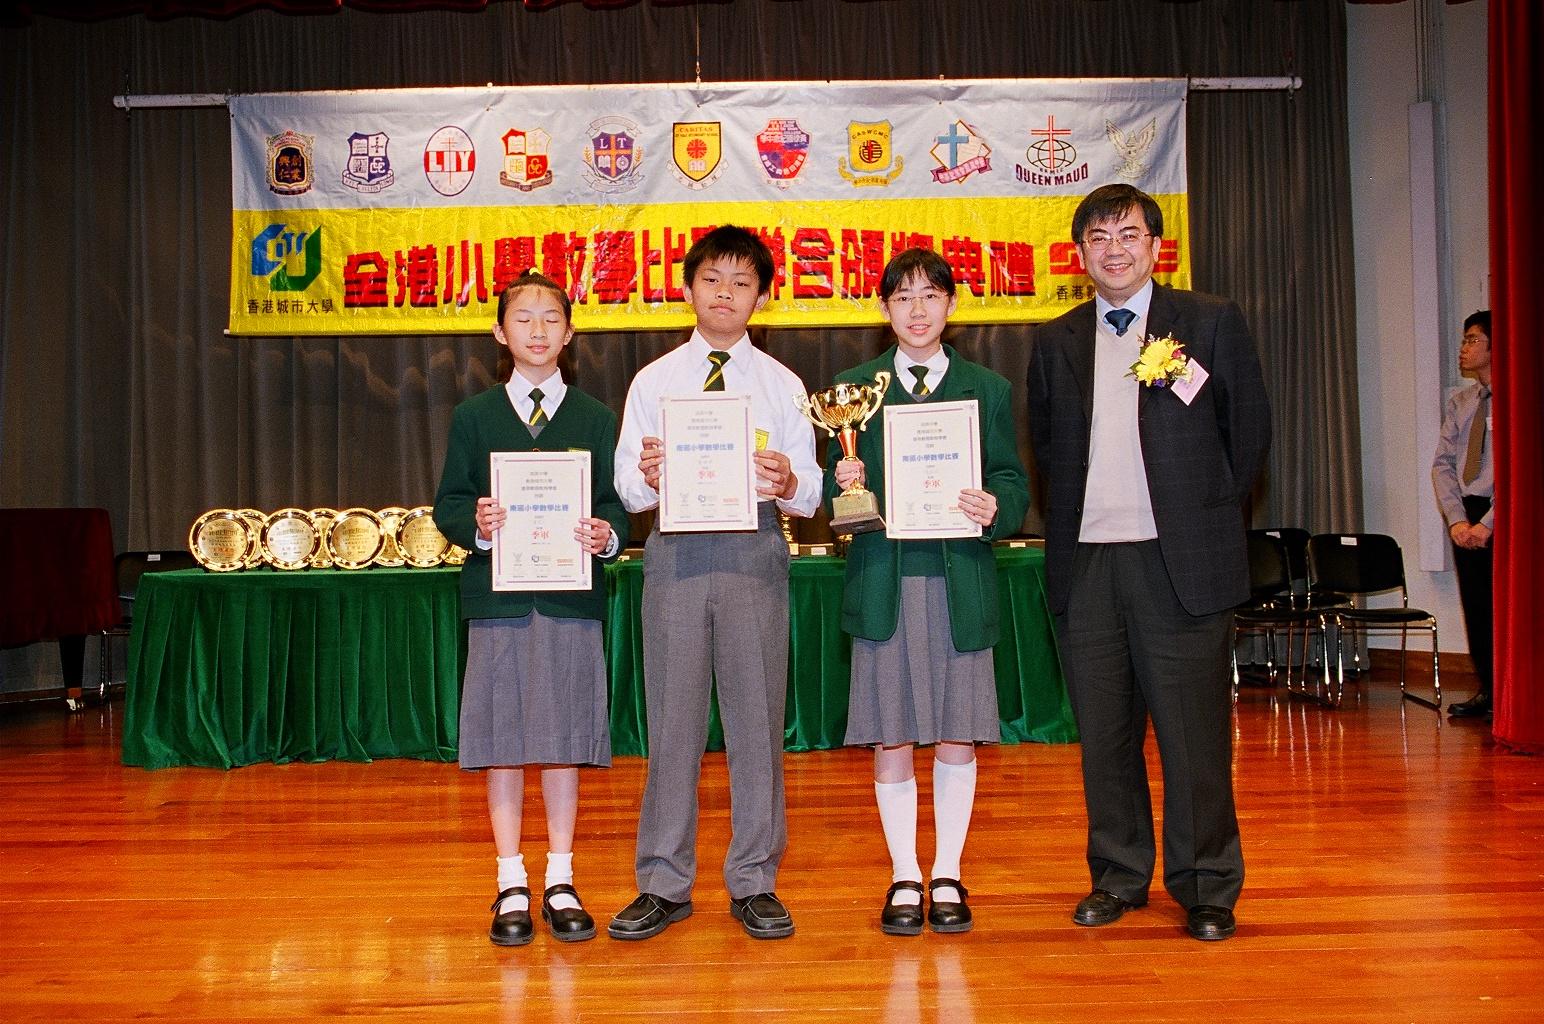 香港中學 新界東學校列表   Uniform Map 制服地圖